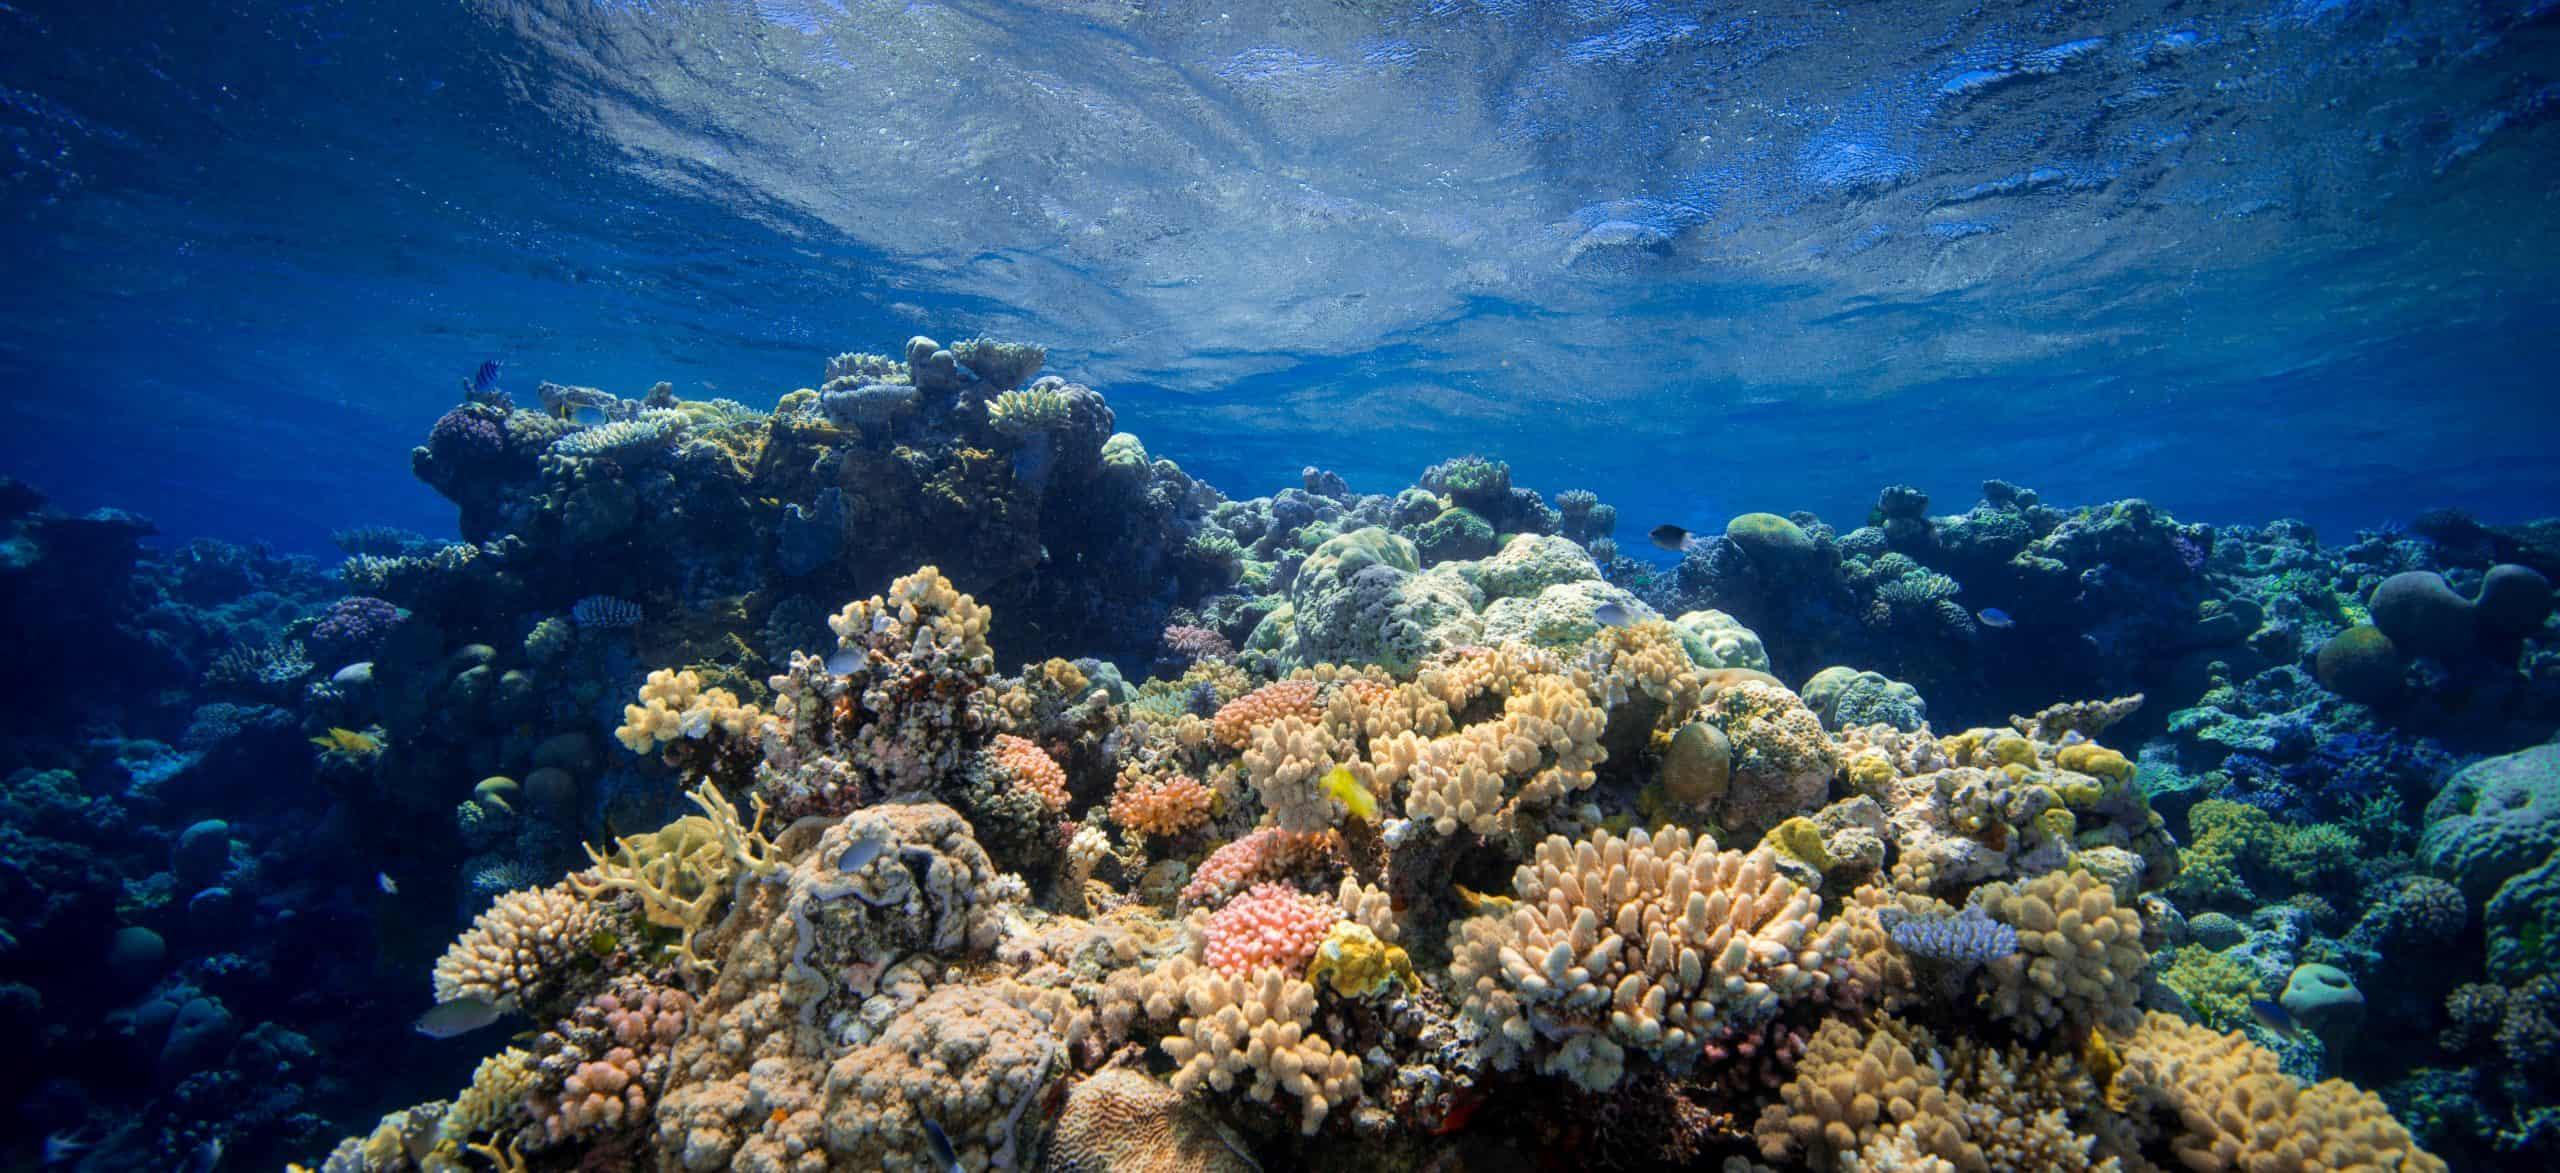 Explore the Cairns Aquarium